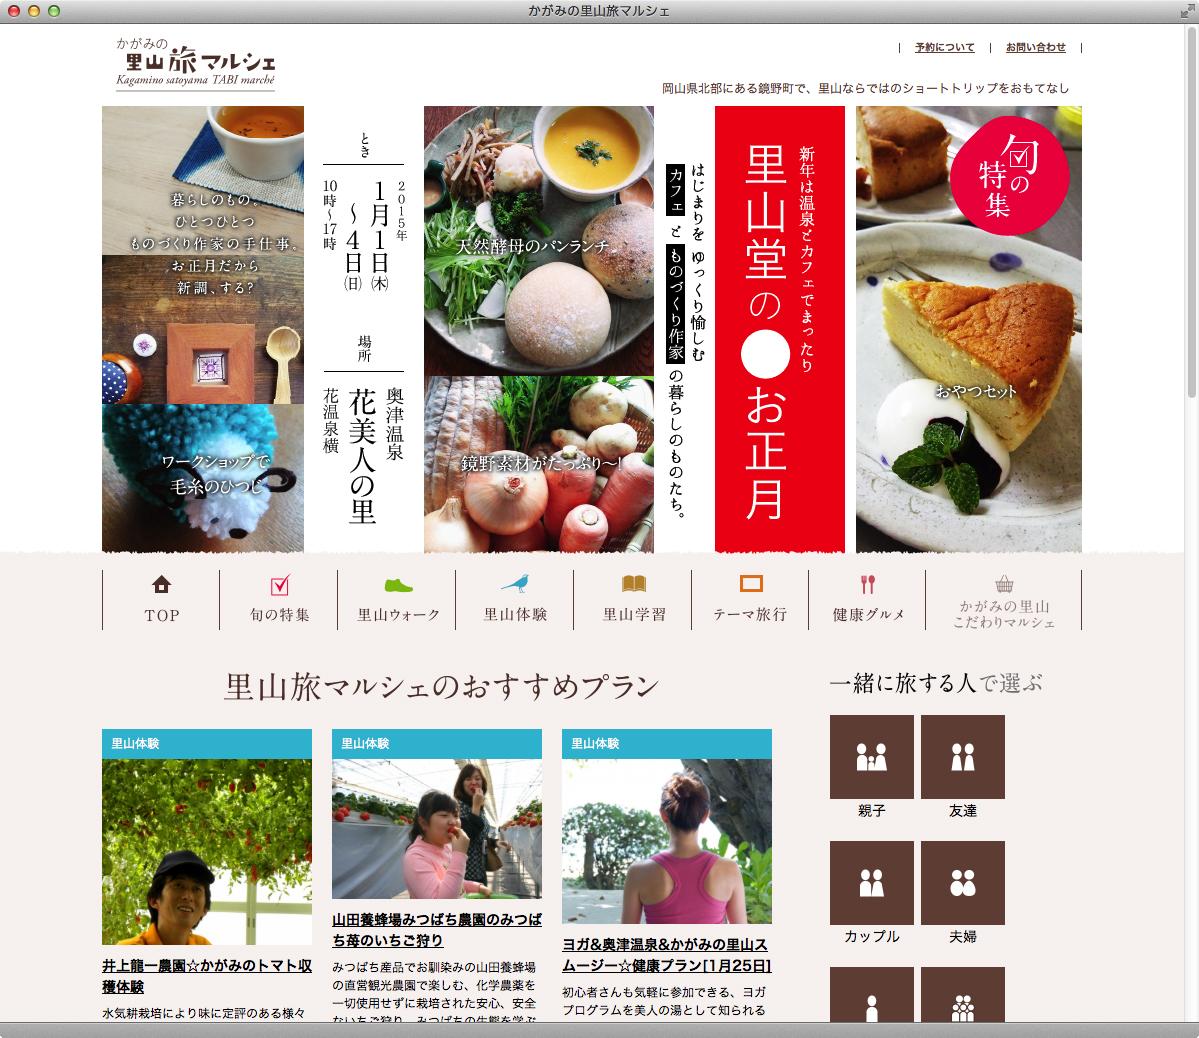 kagamino_tabi-marche_02